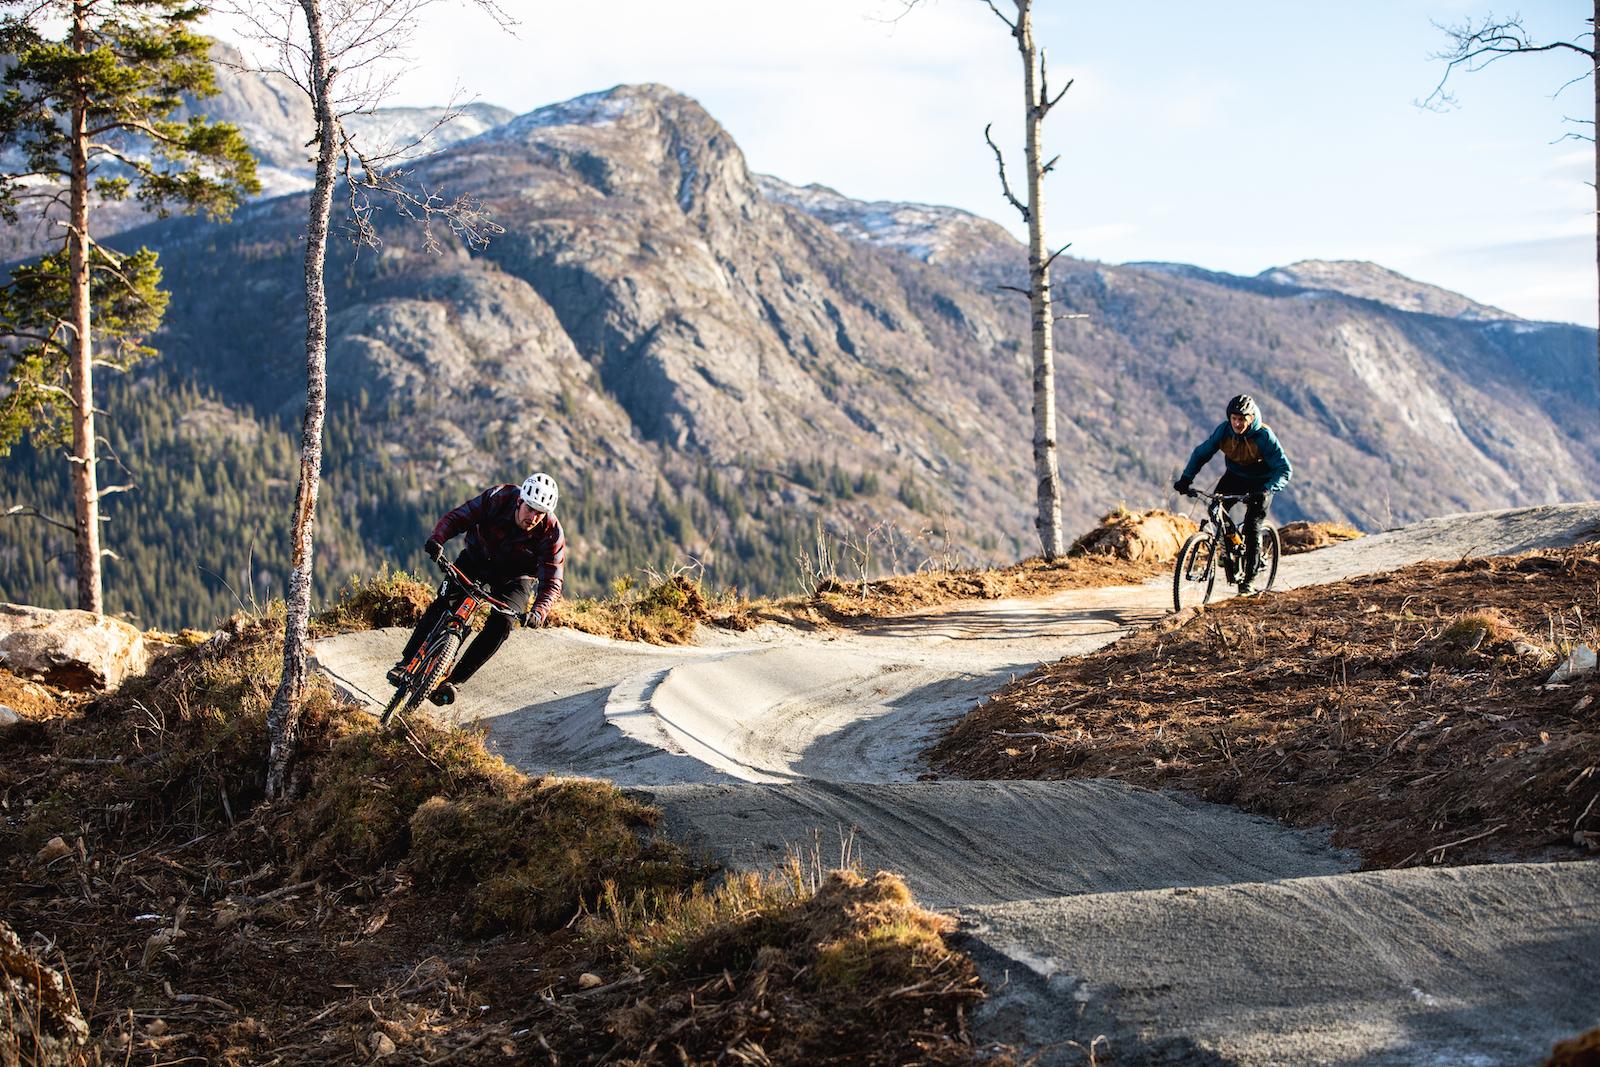 Tottelia Rides i Hemsedal åpner på lørdag og består foreløpig av en familievennlig rundløype på 1.7 kilometer med innslag av flytstier og elementer av grønn, blå og rød gradering. Foto: Paul Lockhart